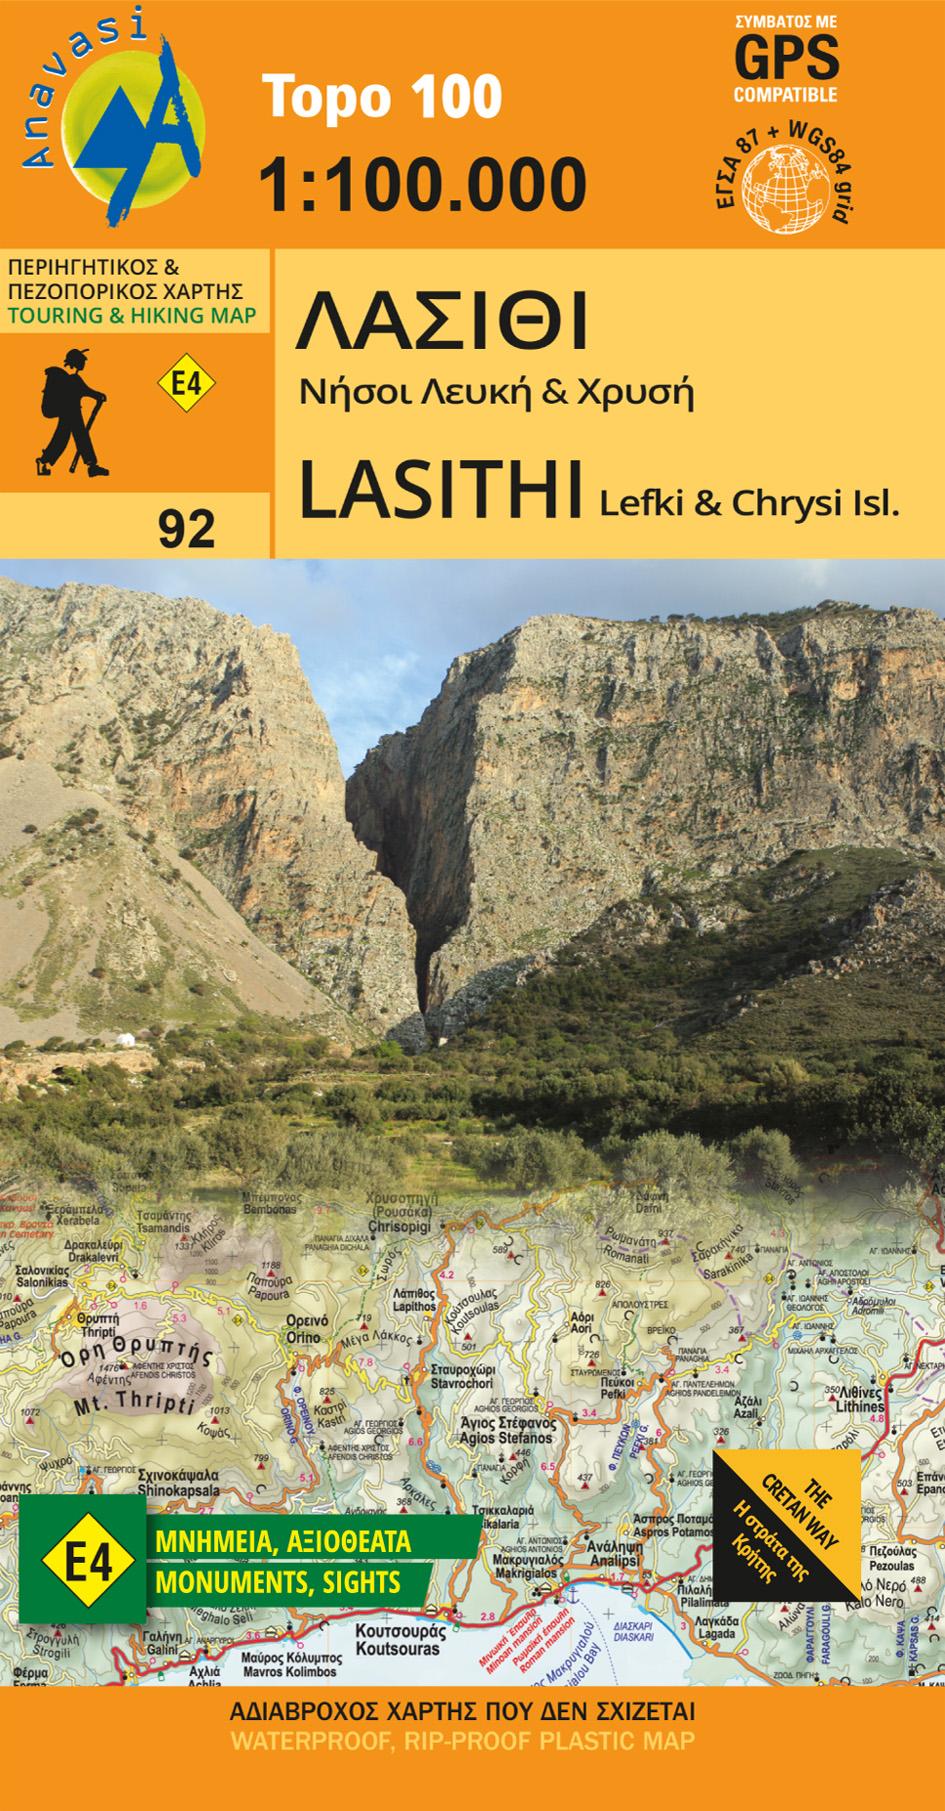 Lasithi and Lefki & Chrysi islands [92]